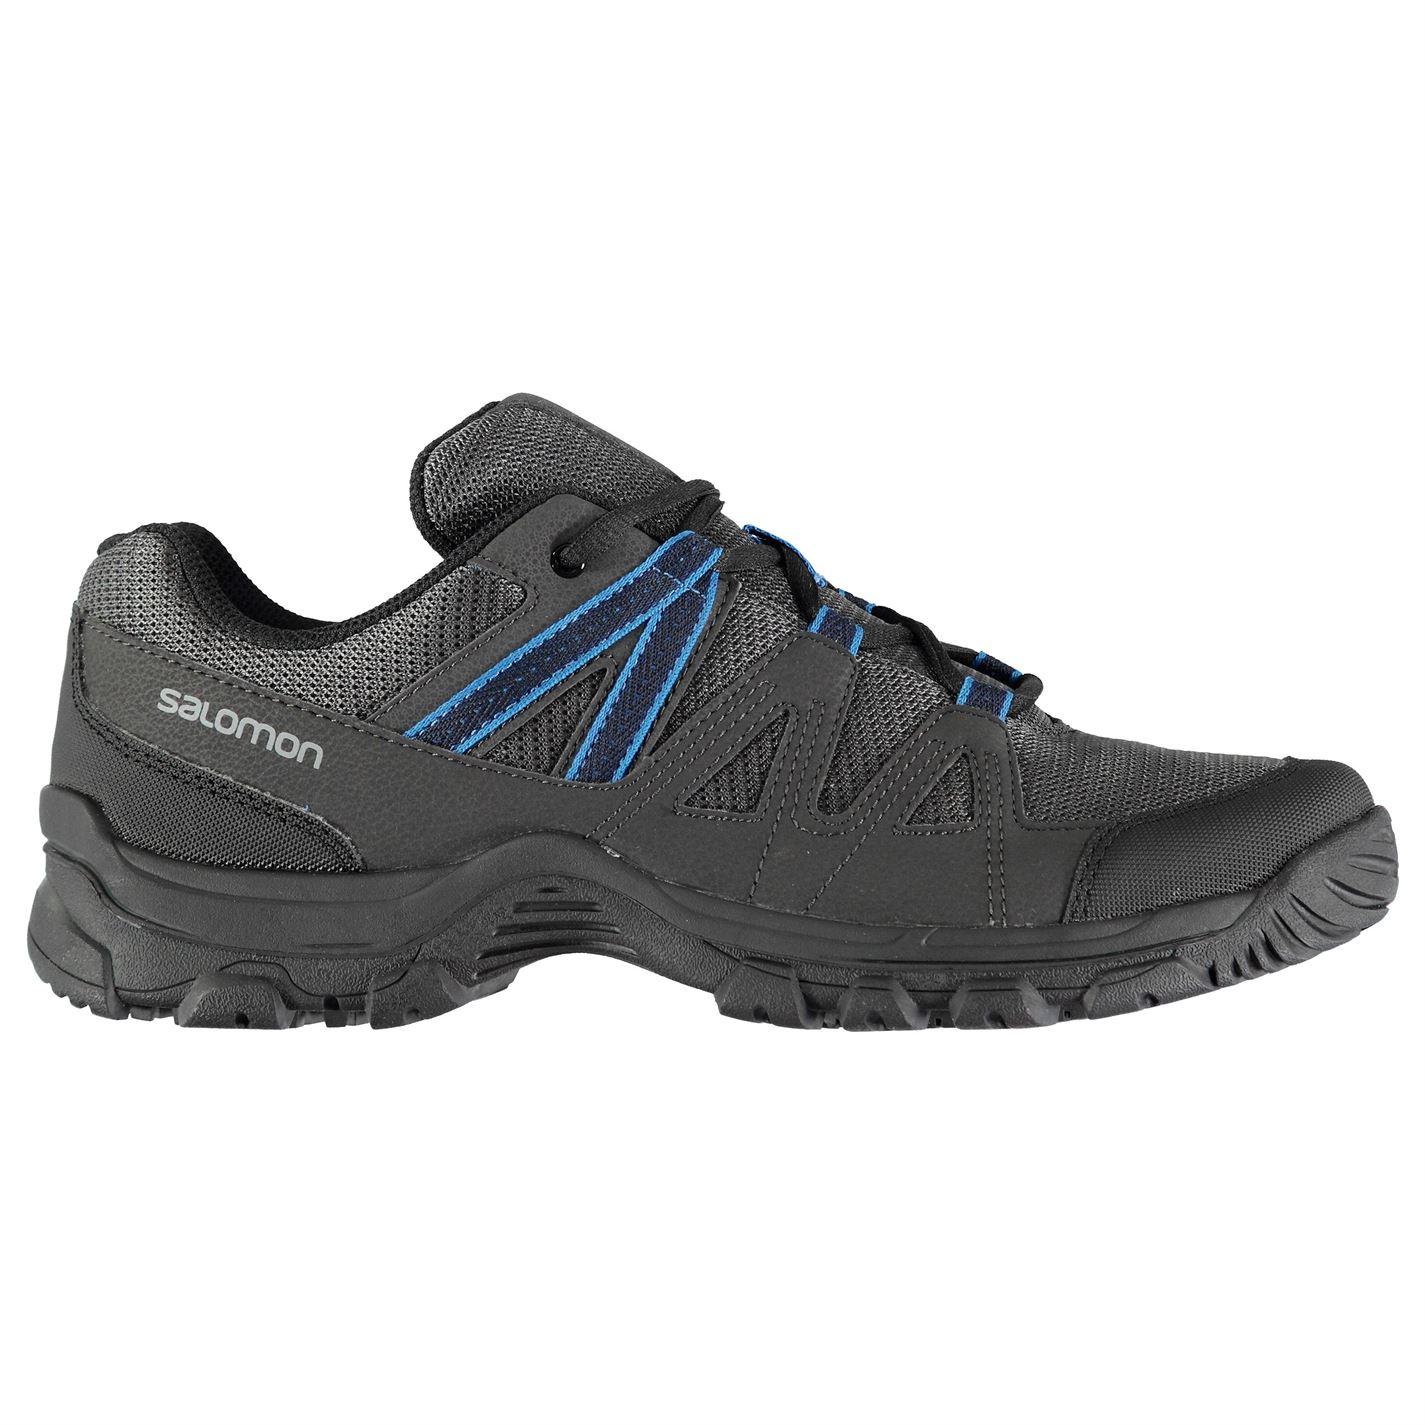 Salomon Watson Low pánske vychádzkové topánky